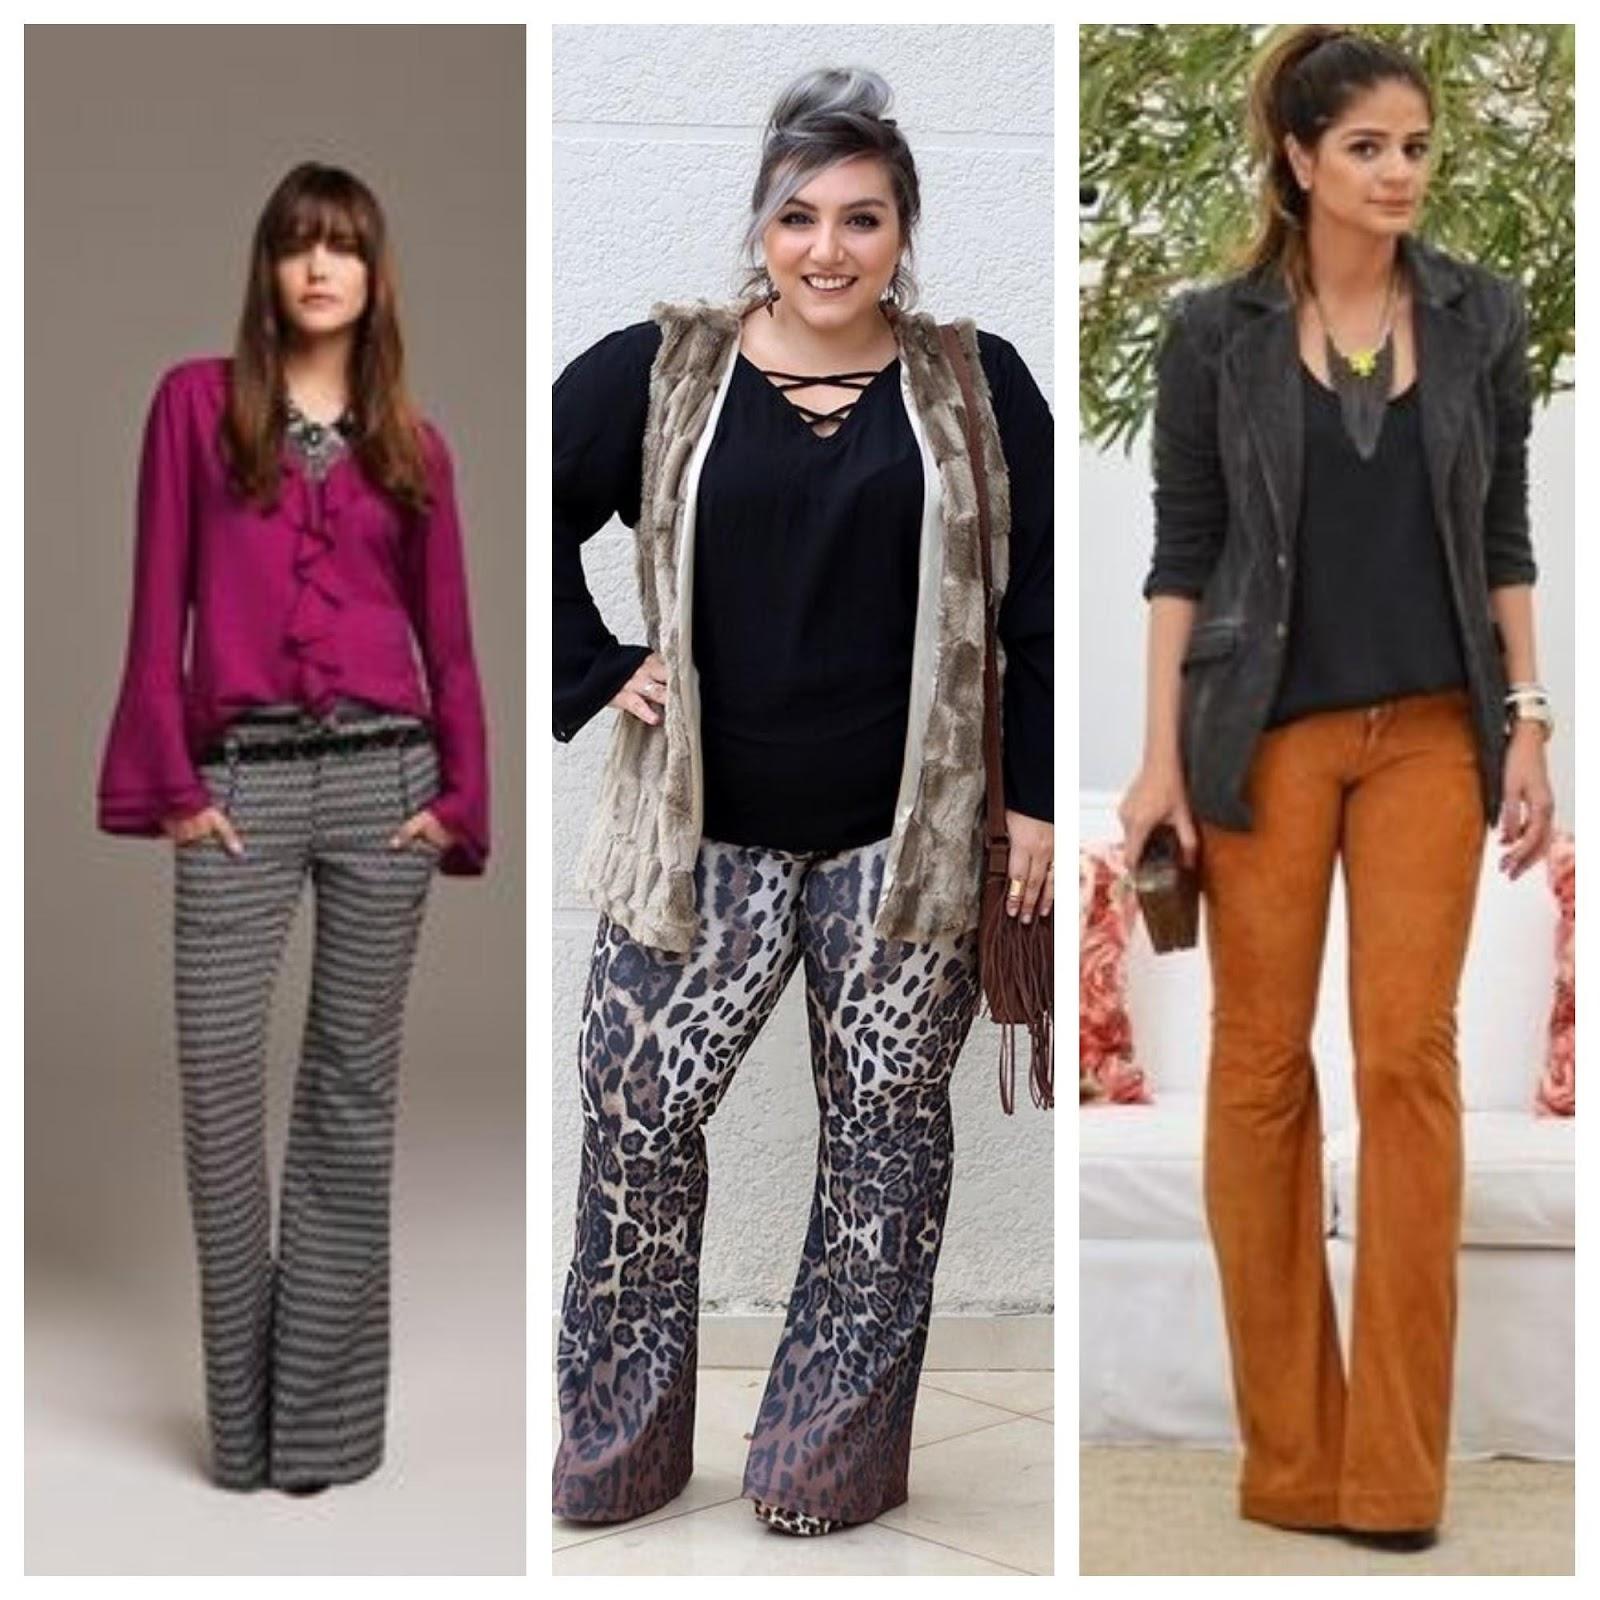 bf05501b4 Calça flare é peça democrática no vestuário feminino